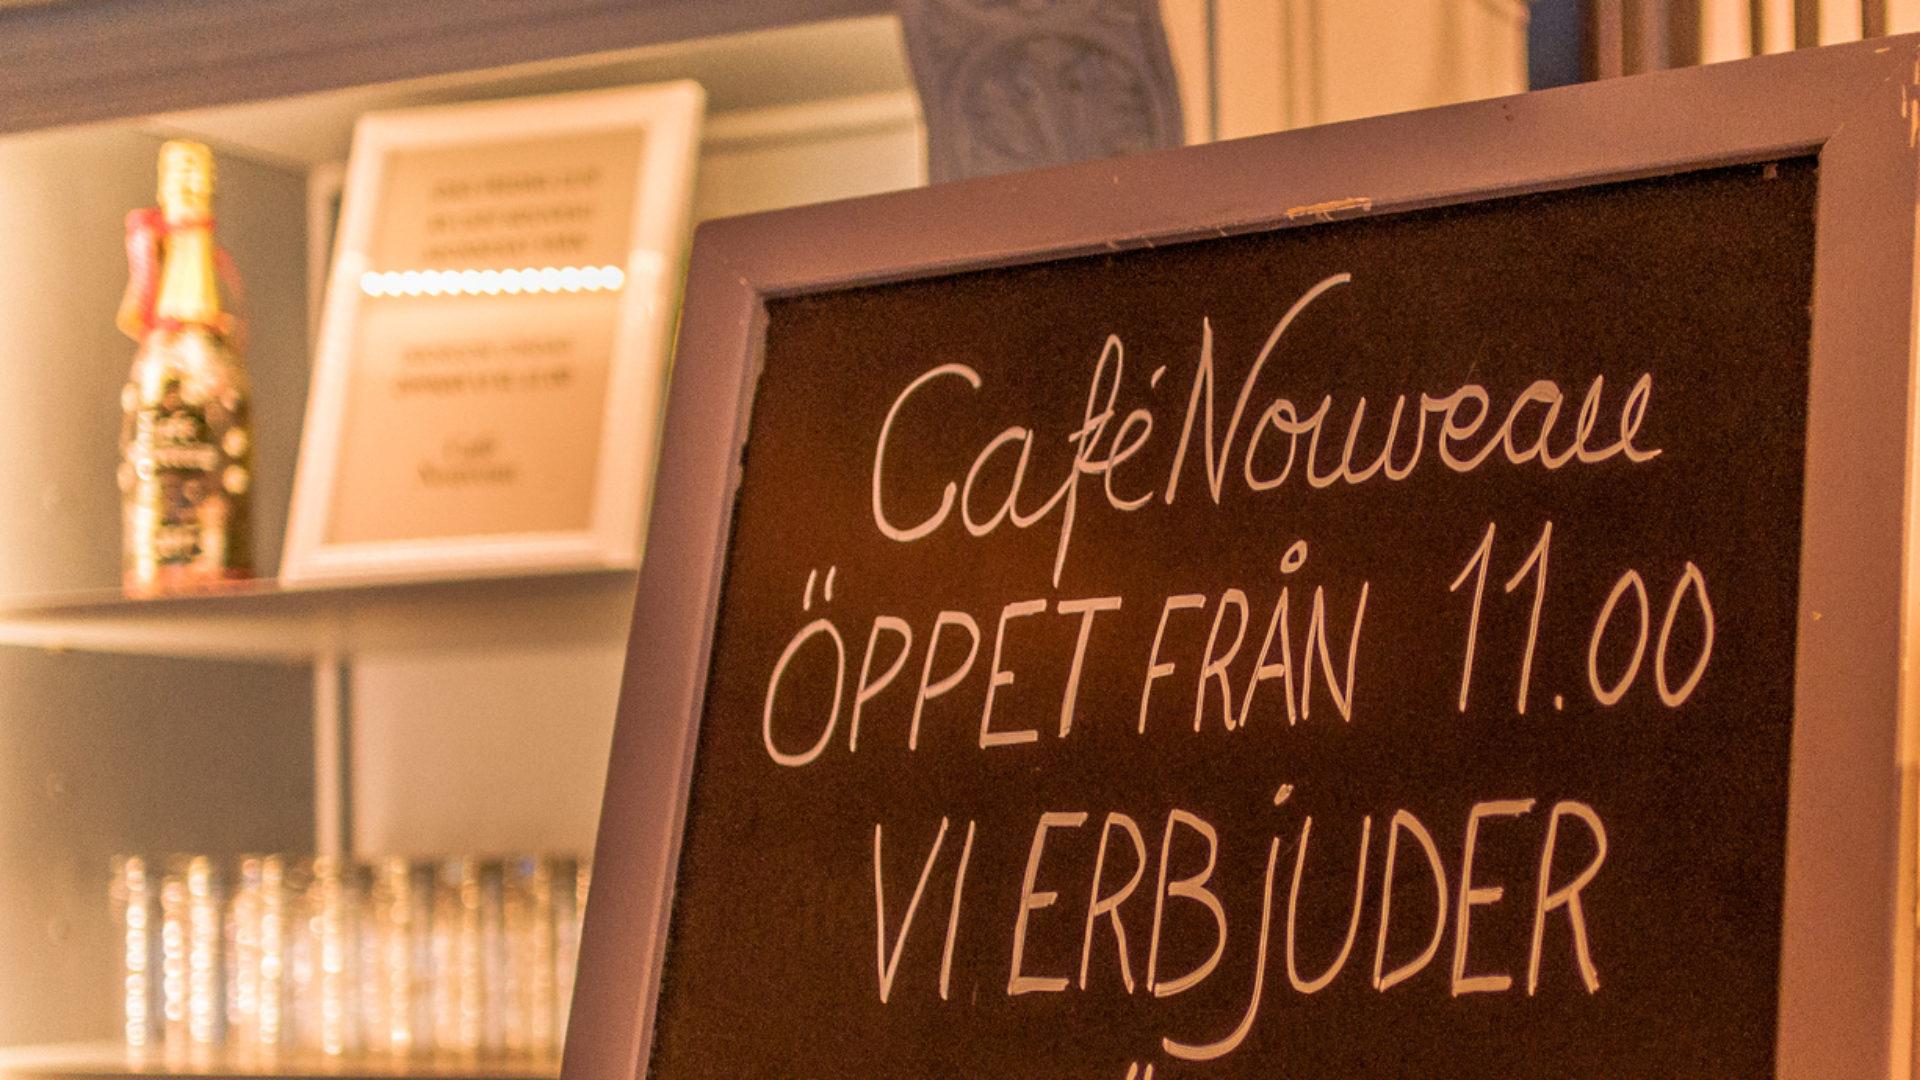 Cafenouveau